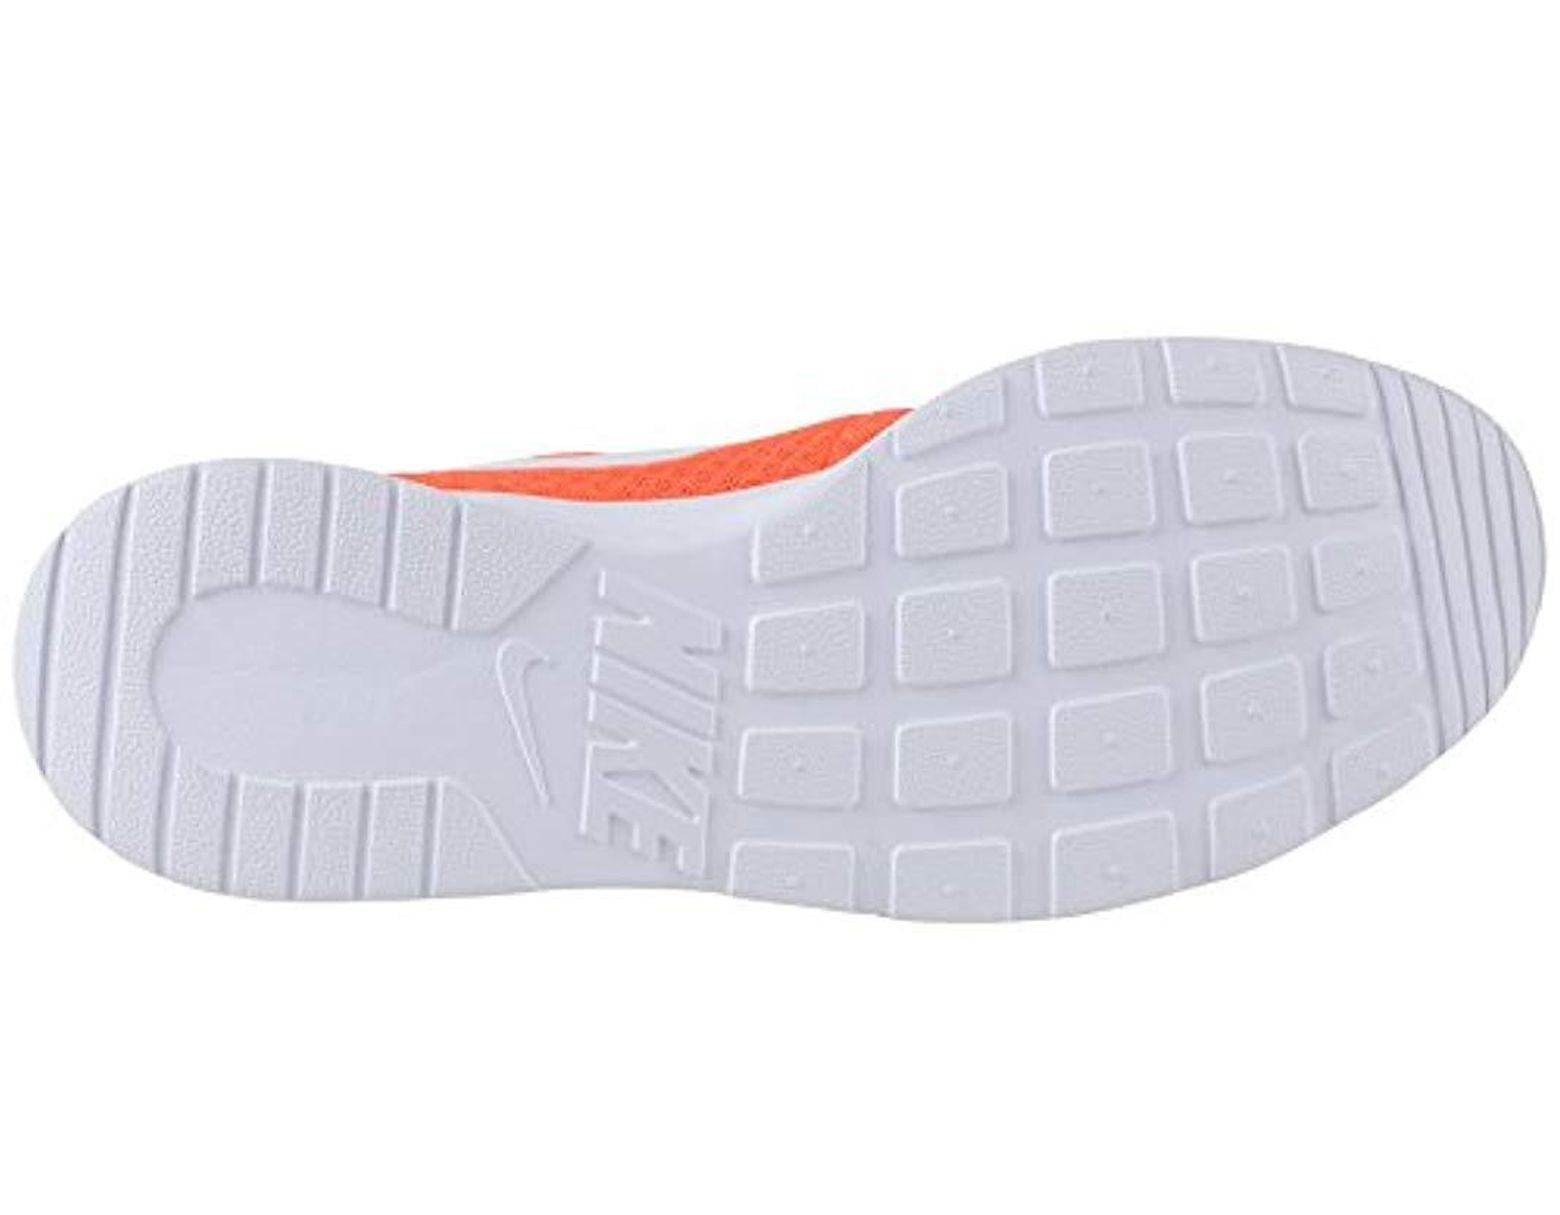 Adidas Amarillas Deporte Zapatillas De Mujer 08nmwvN